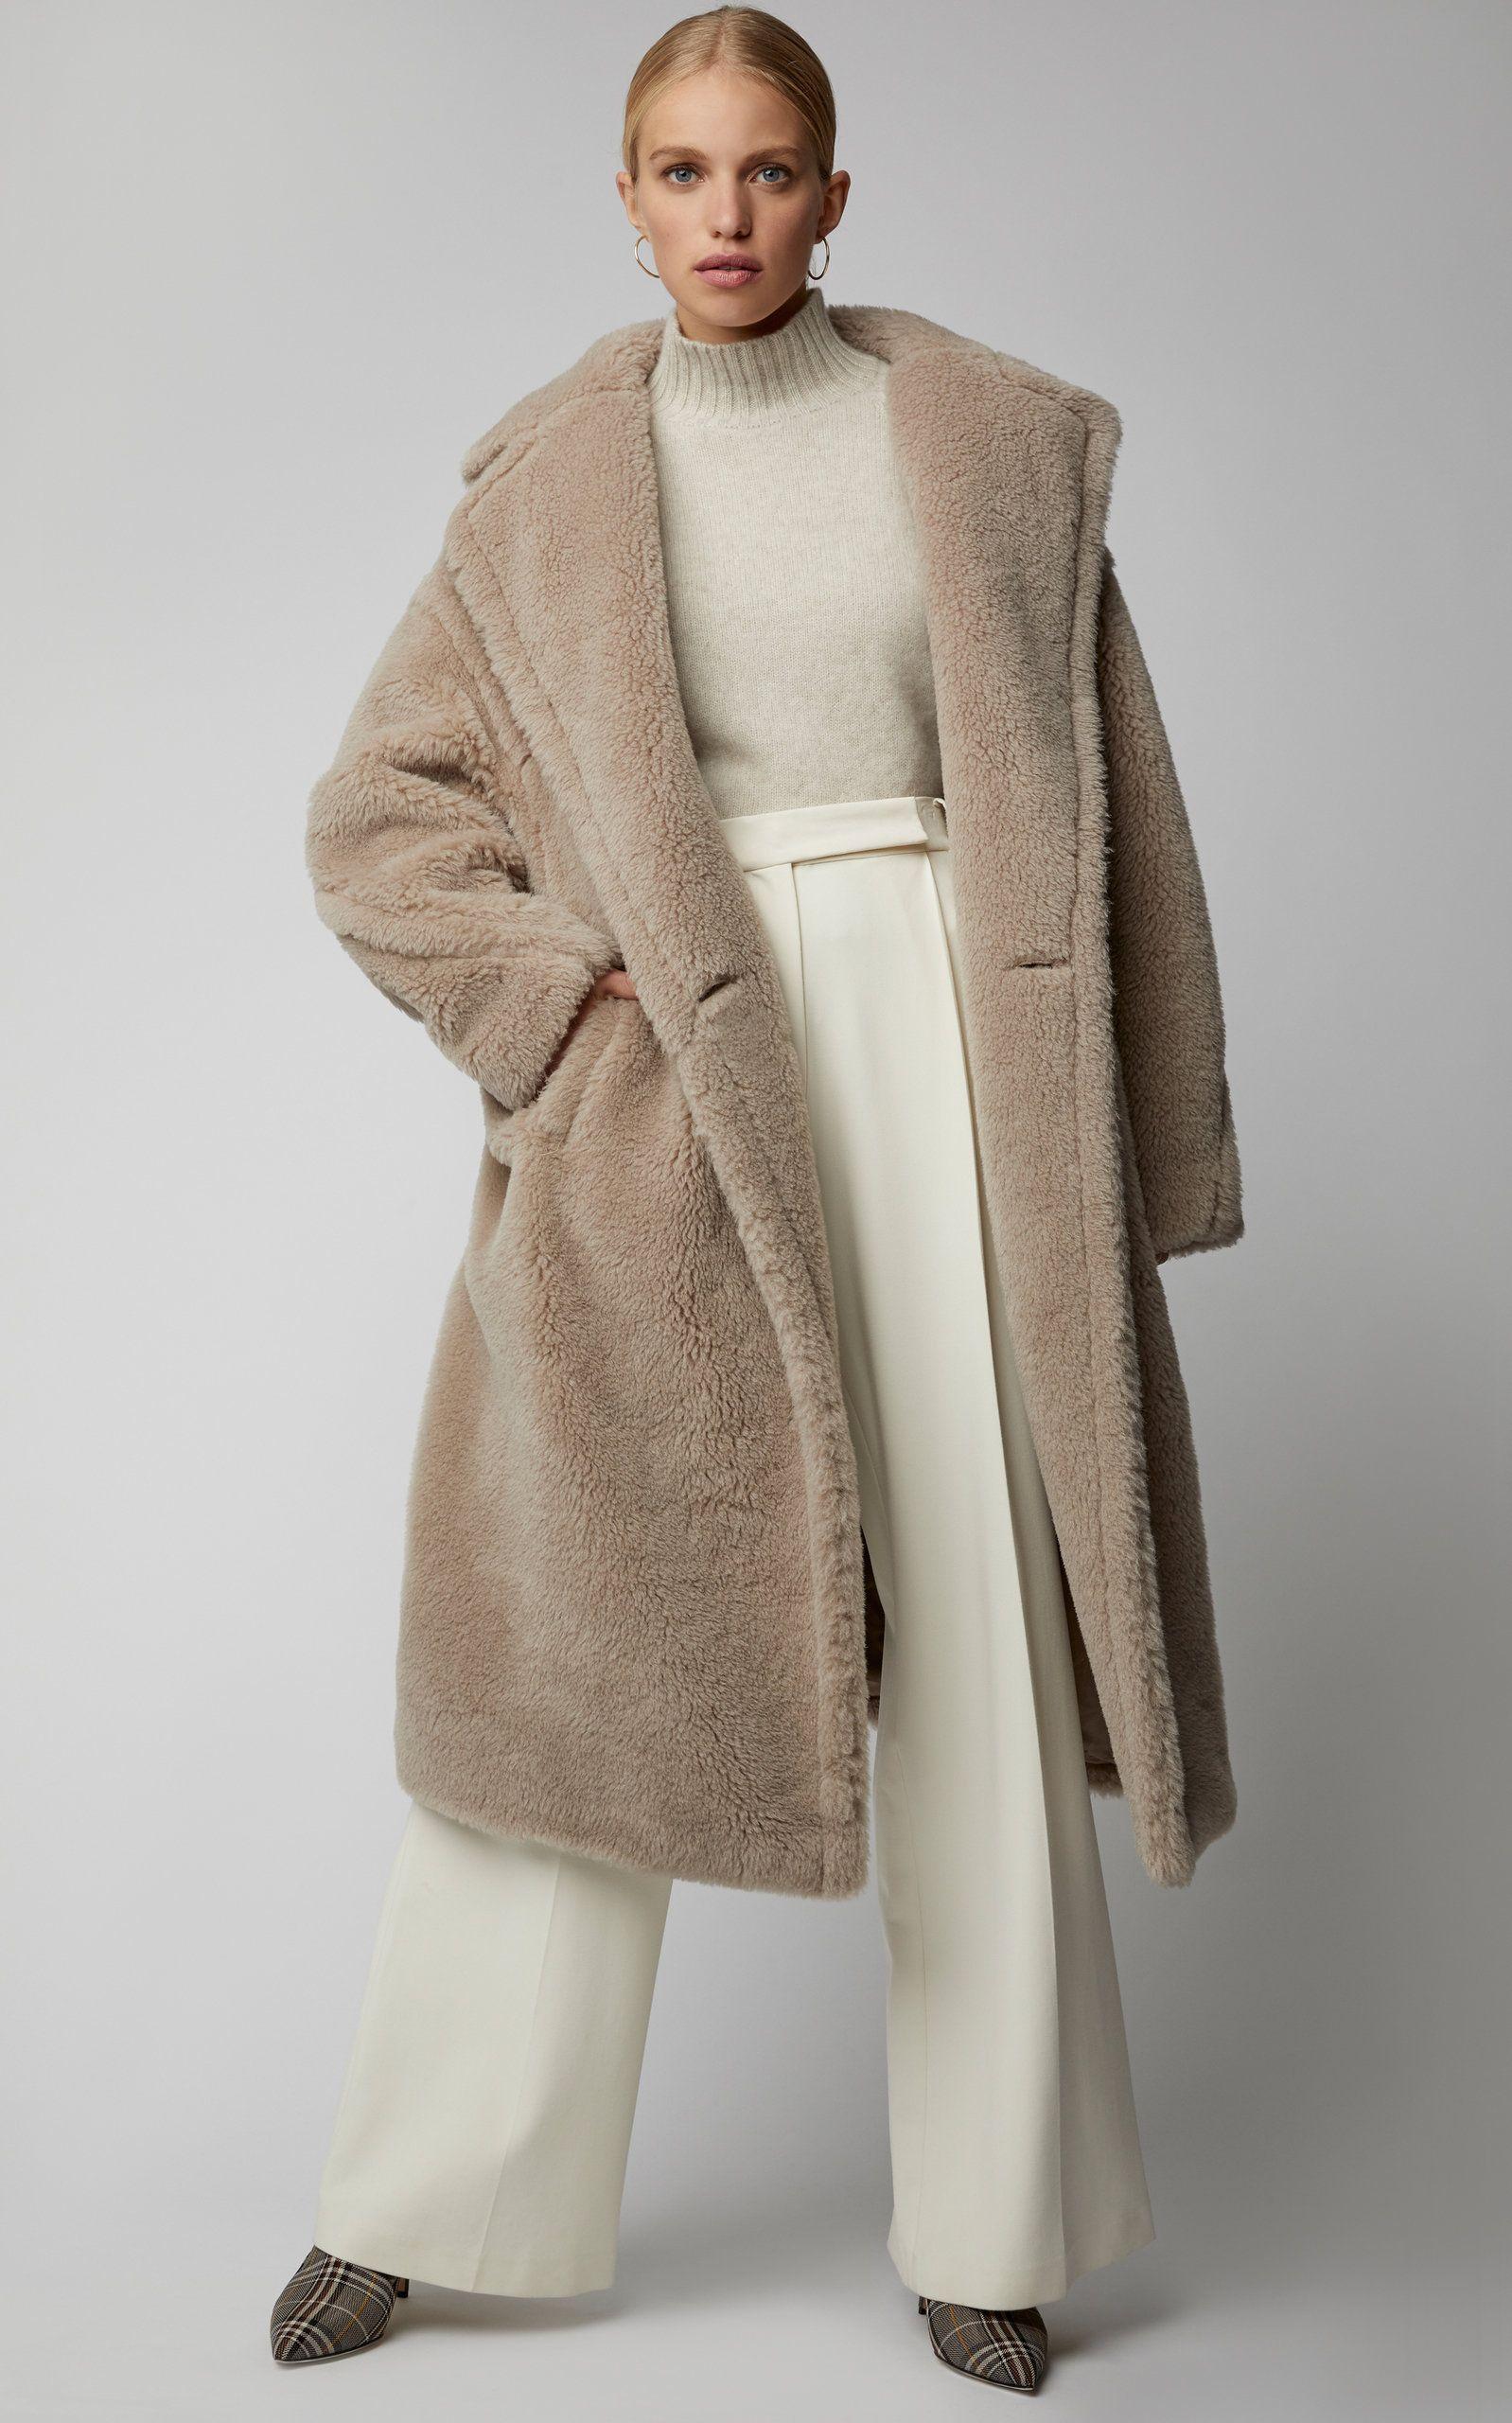 29+ Max mara teddy coat inspirations